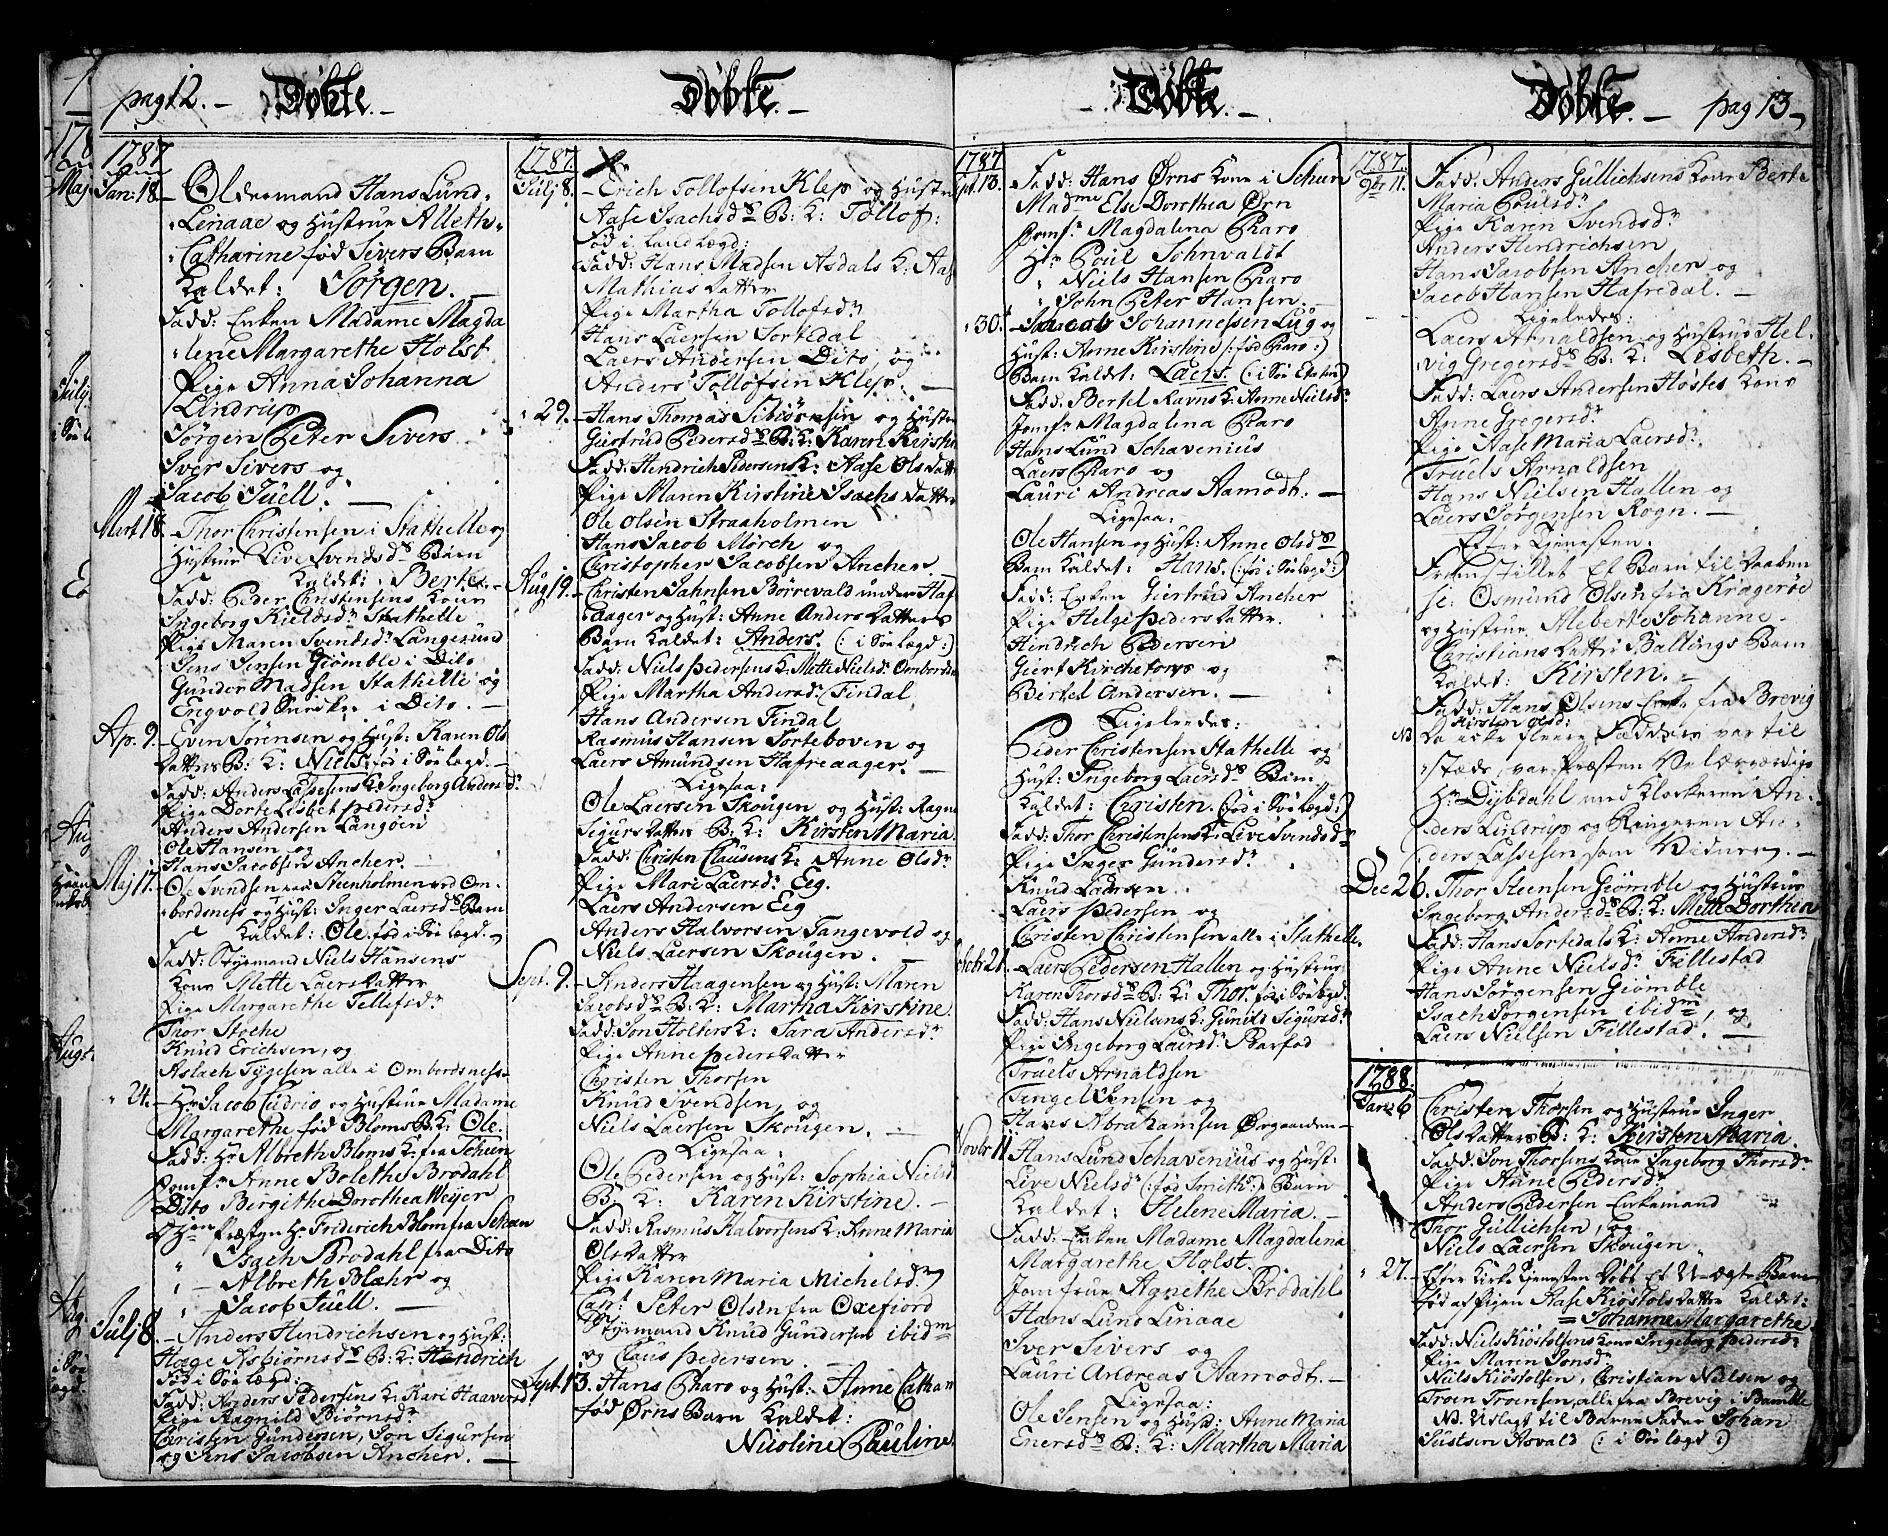 SAKO, Langesund kirkebøker, G/Ga/L0001: Klokkerbok nr. 1, 1783-1801, s. 12-13